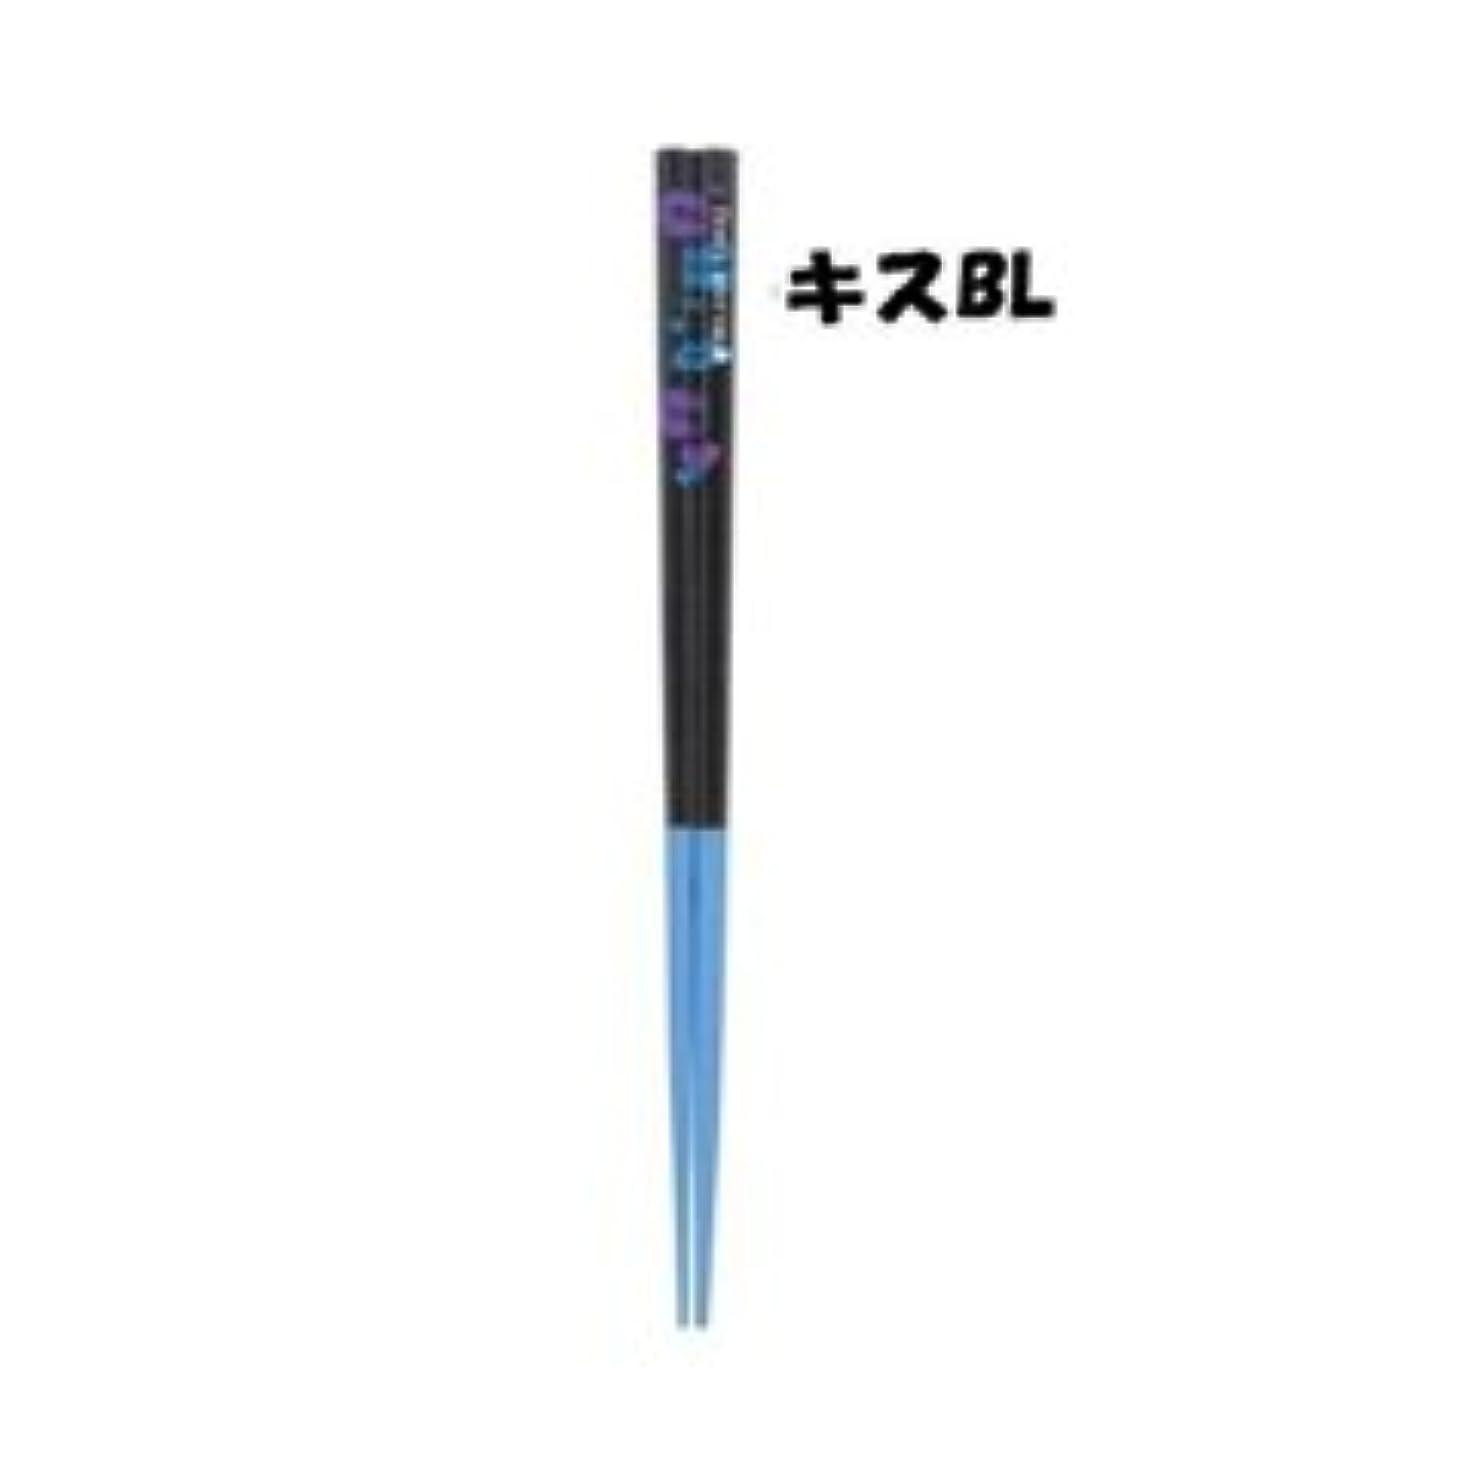 バレエシロクマ素晴らしい良い多くの【プライムナカムラ】ダイエット 応援箸 キスブルー